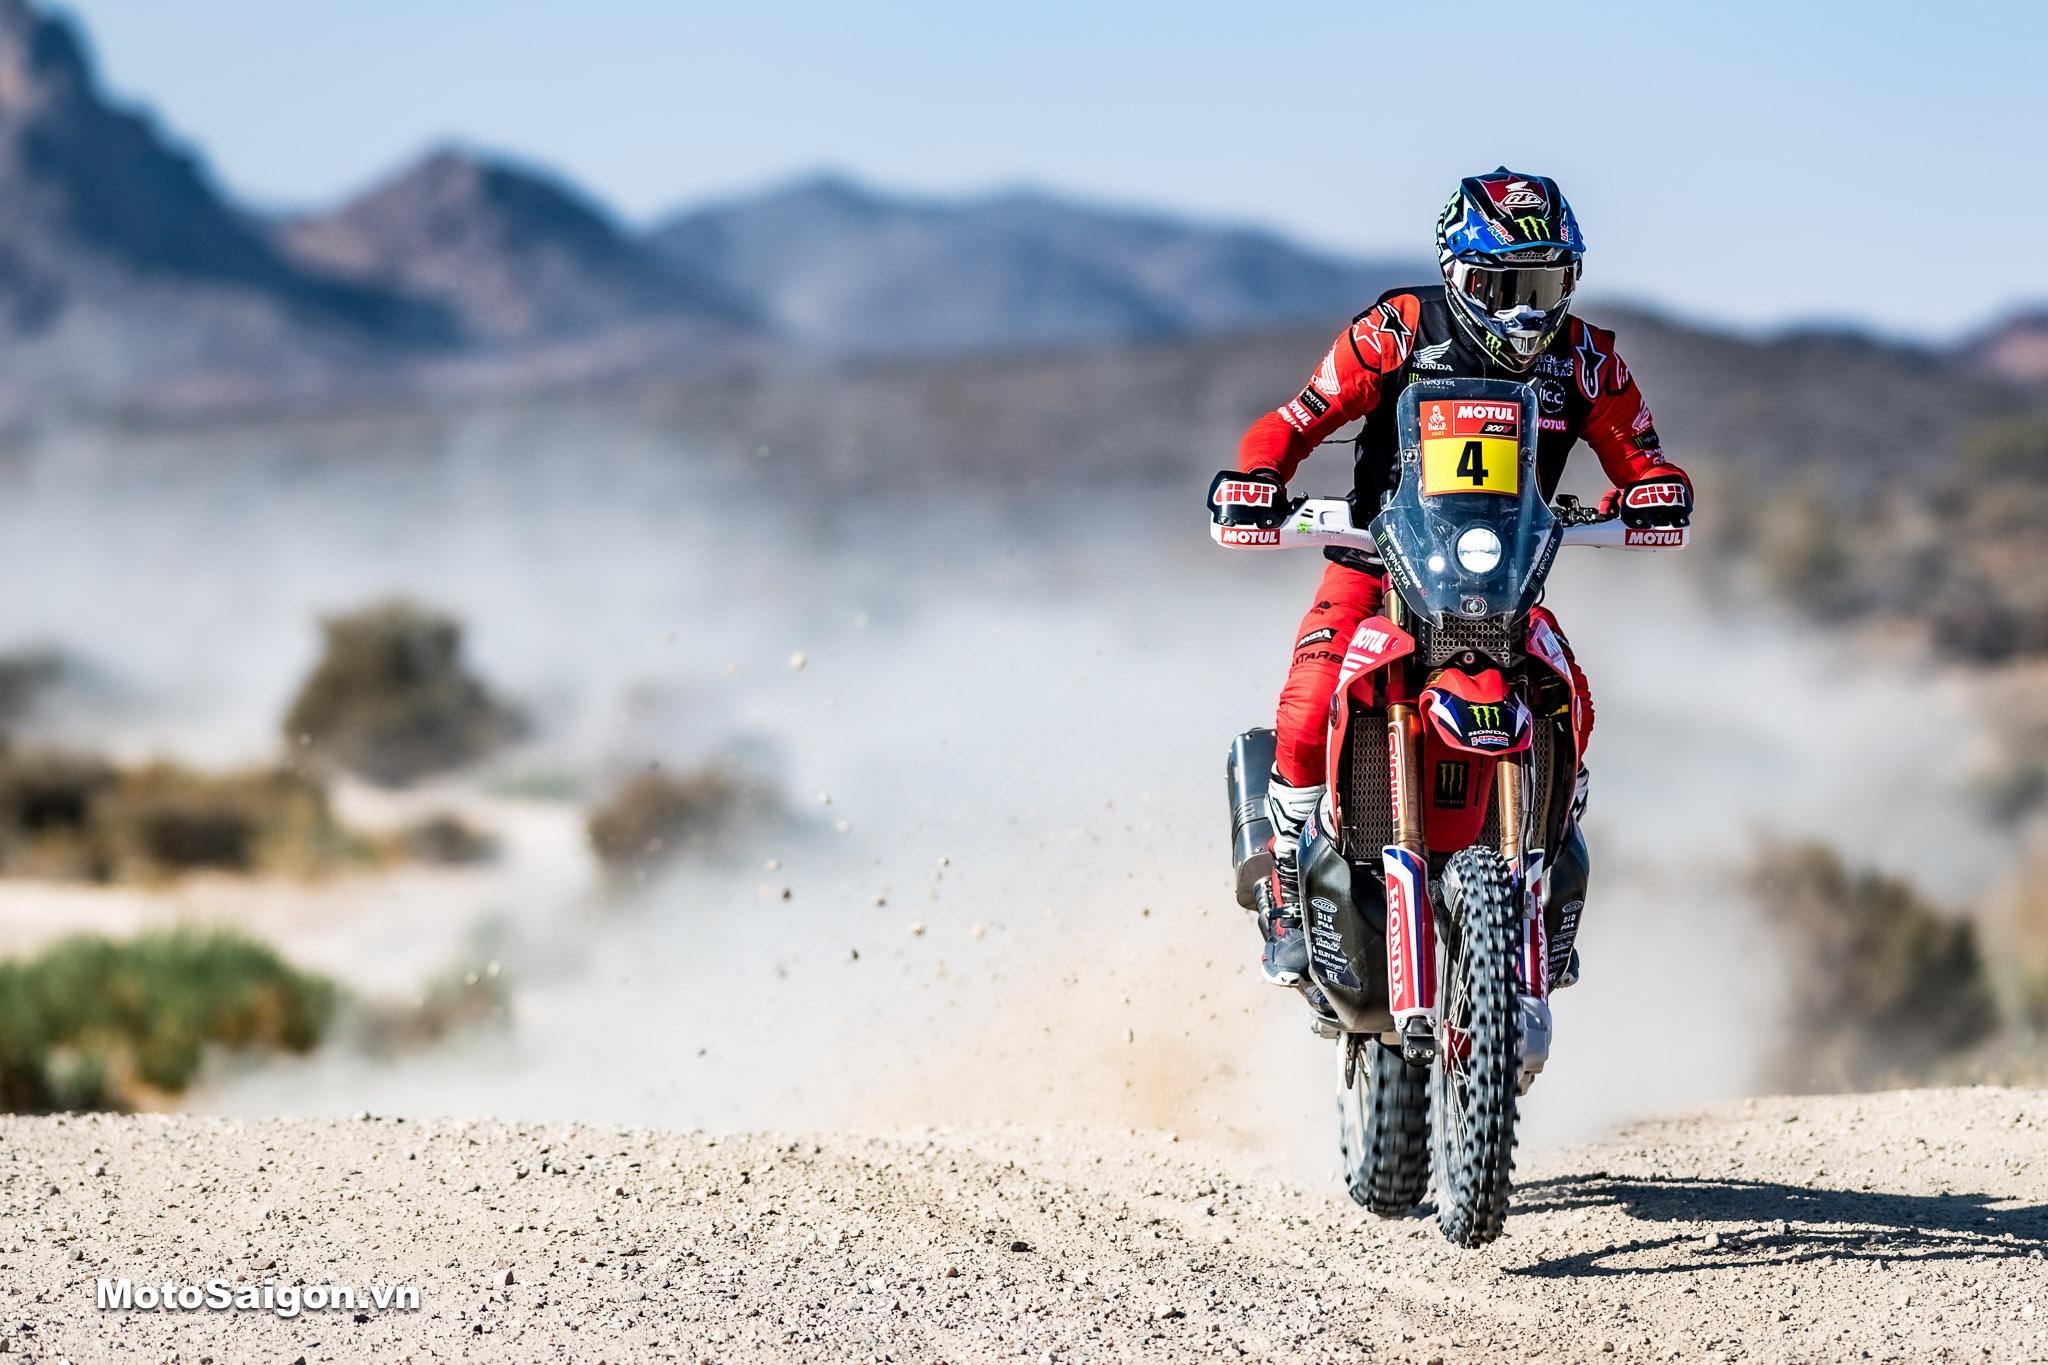 Dakar Rally_HRC team tiếp tục giành chiến thắng vang dội